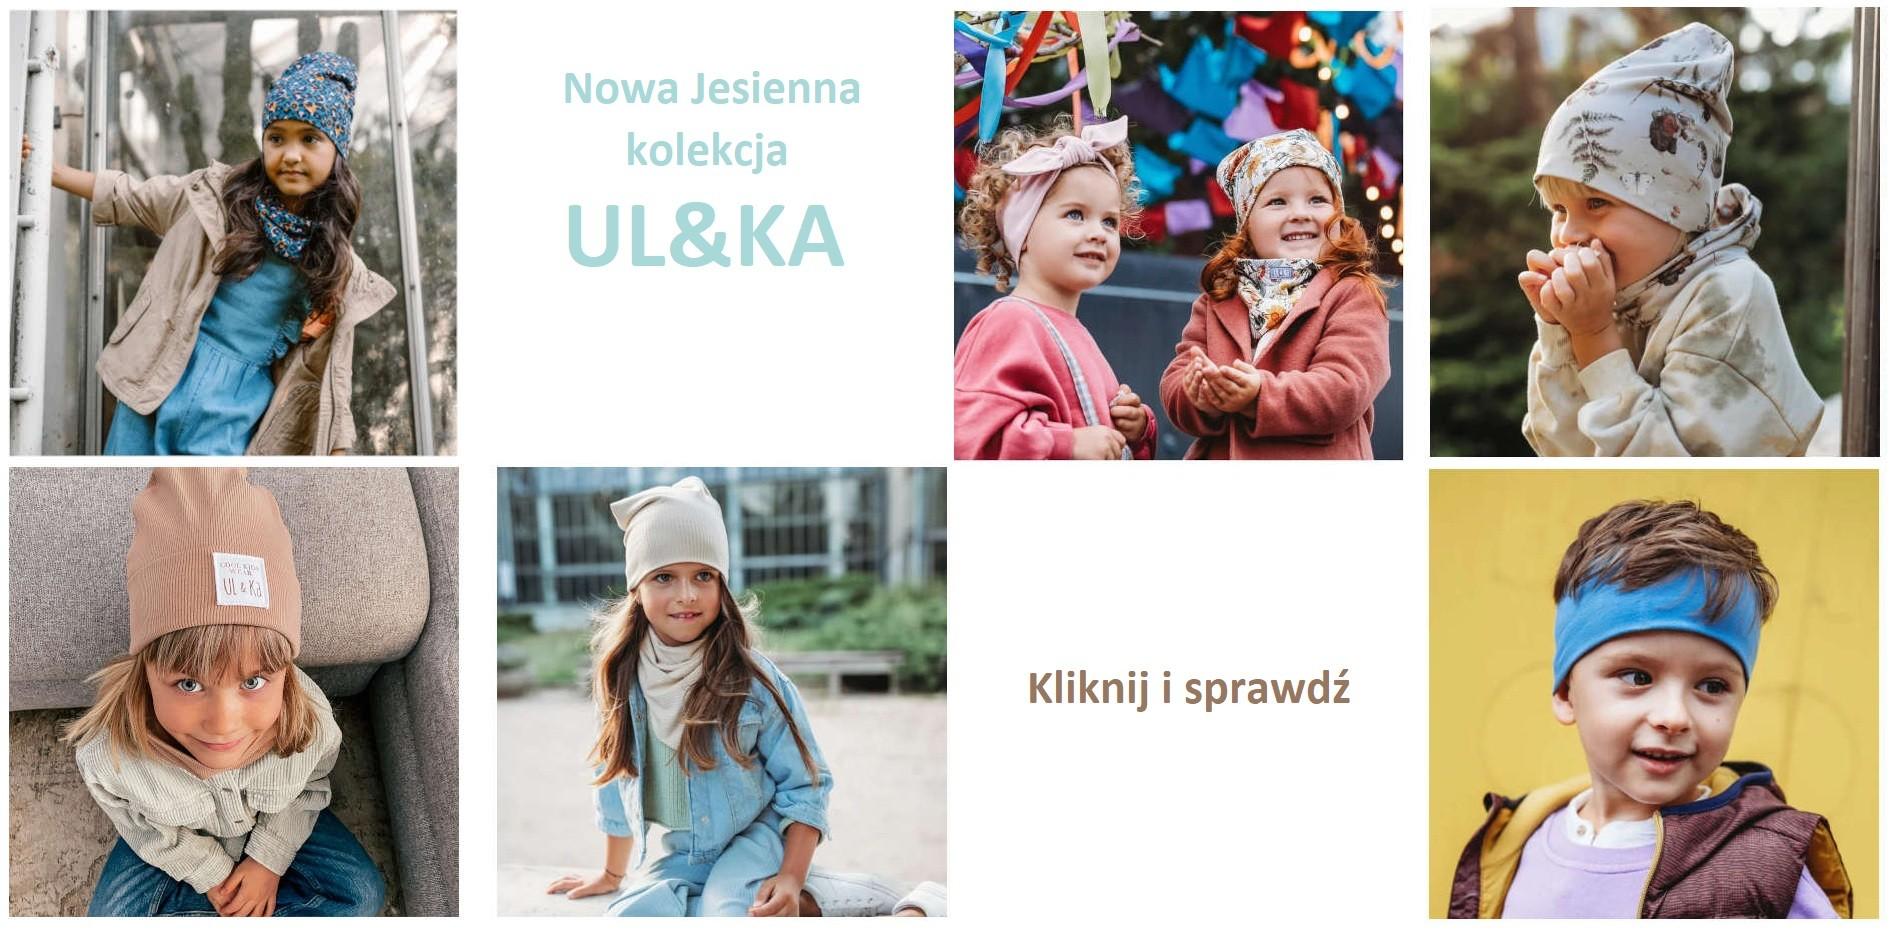 ULKA UL&KA ULANDKA